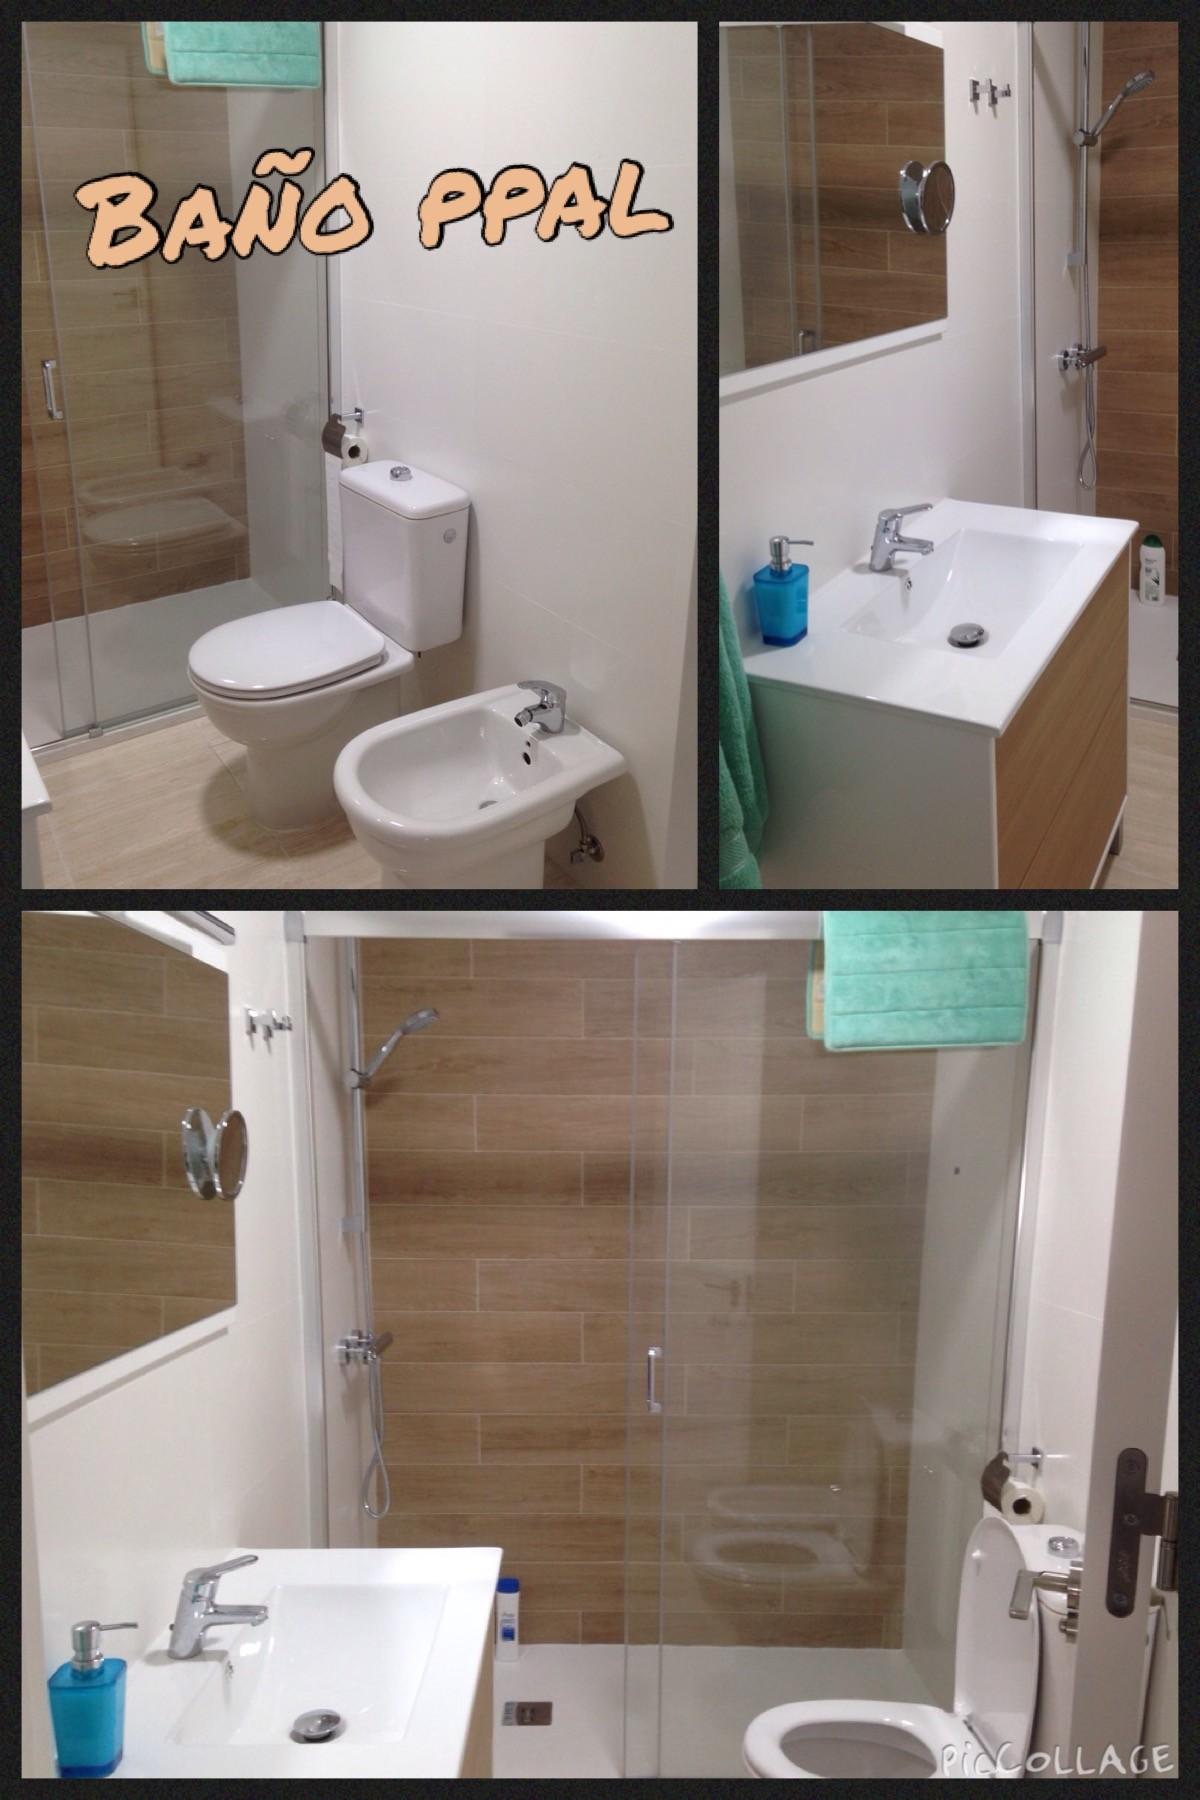 Se alquila una habitaci n para compartir piso alquiler habitaciones huelva - Pisos de una habitacion ...